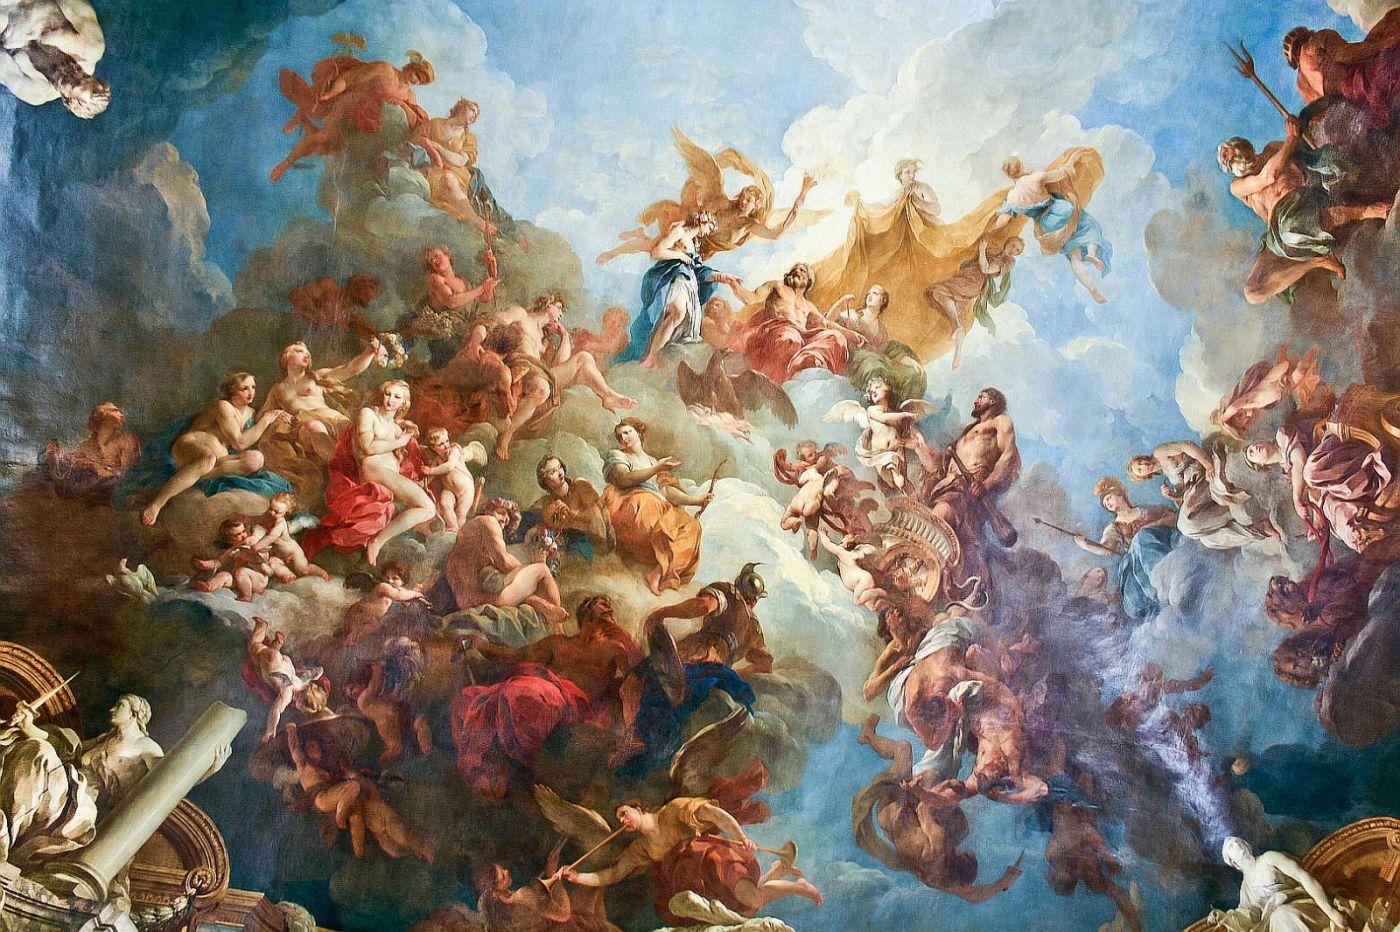 凡尔赛宫的两幅油画(二)《赫尔克里斯升天》_图1-1